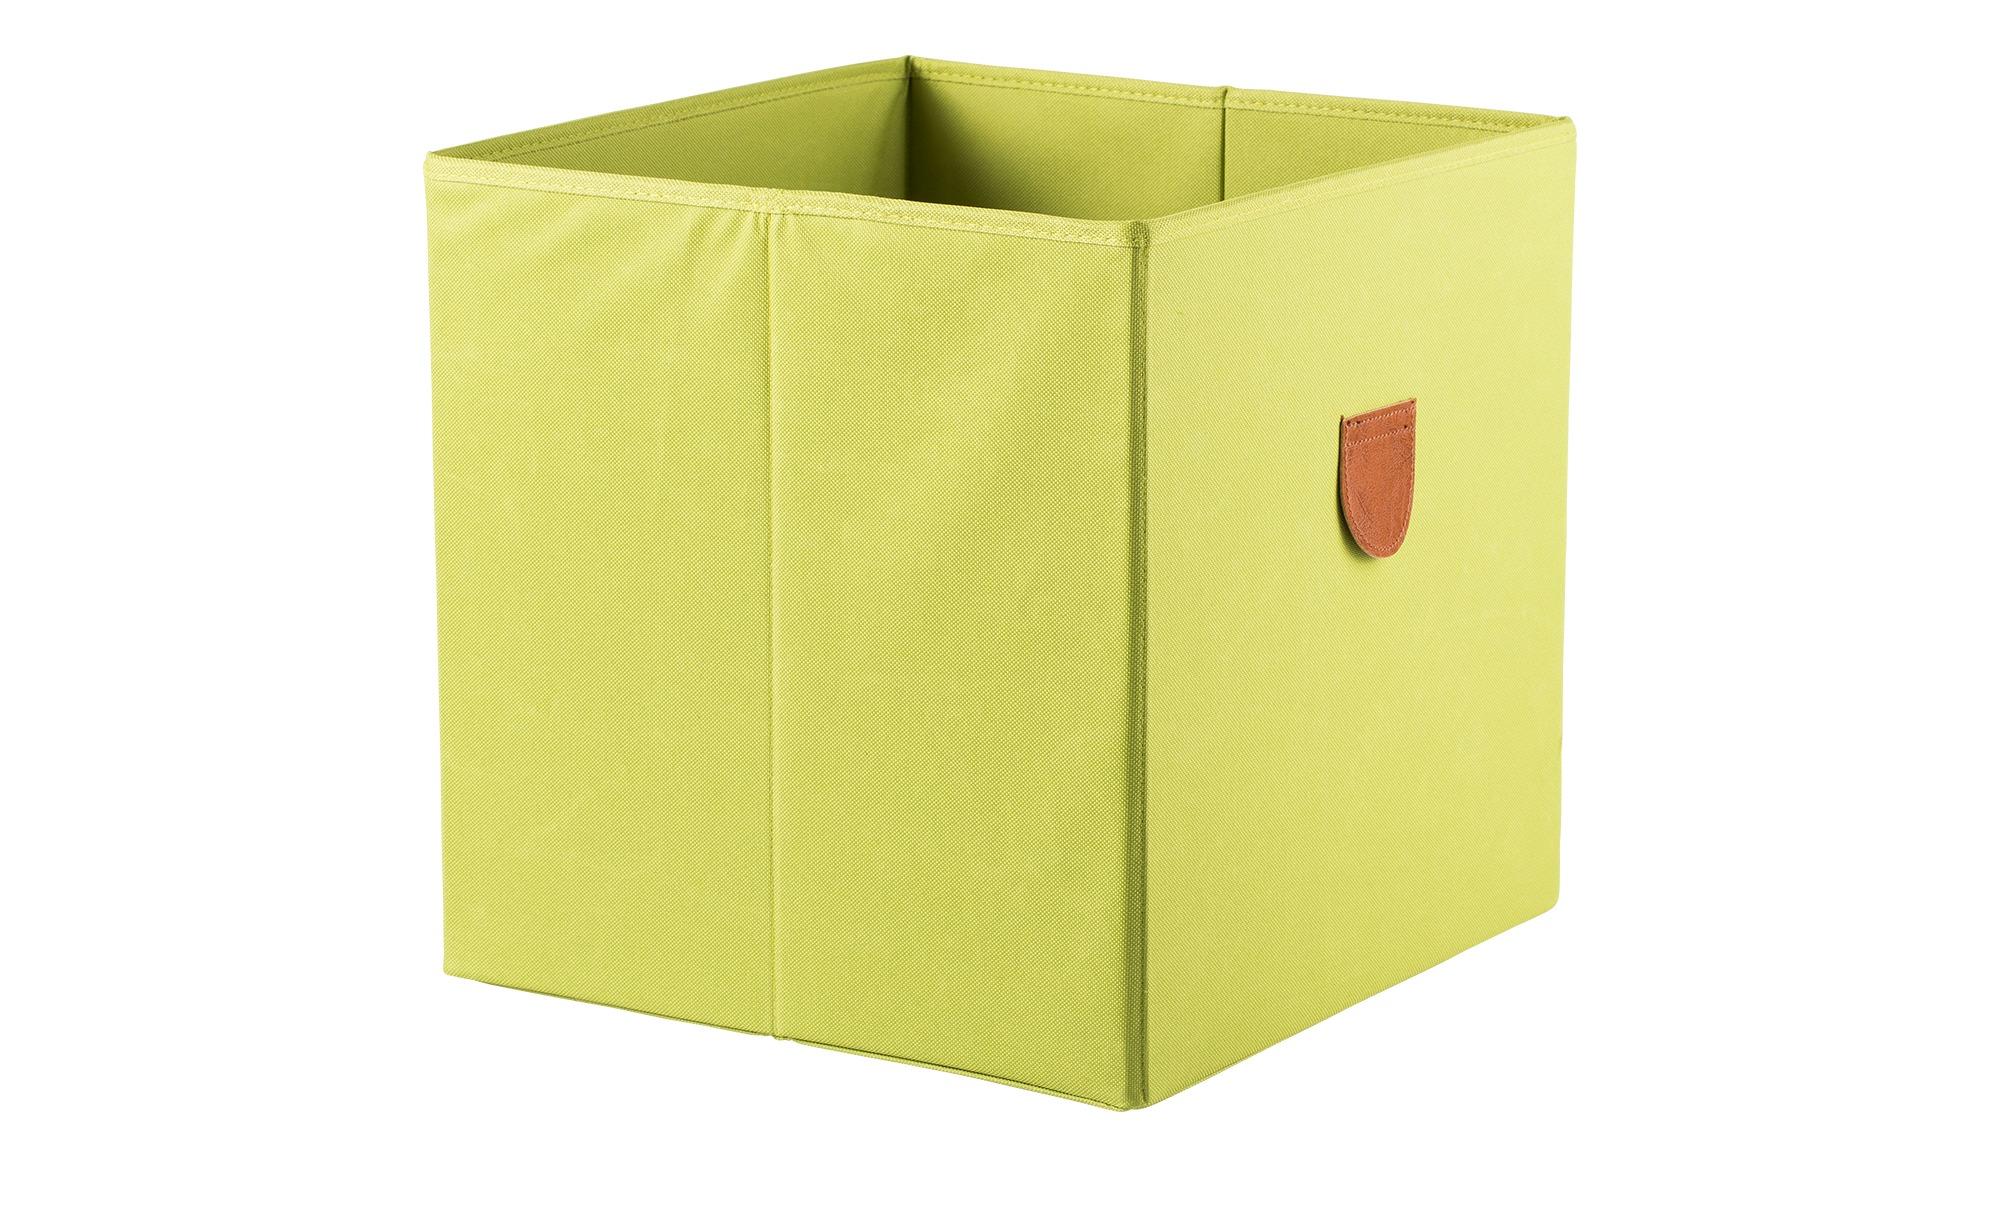 Regalbox ¦ grün ¦ Polyester, Pappe Regale > Regal-Aufbewahrungsboxen - Höffner